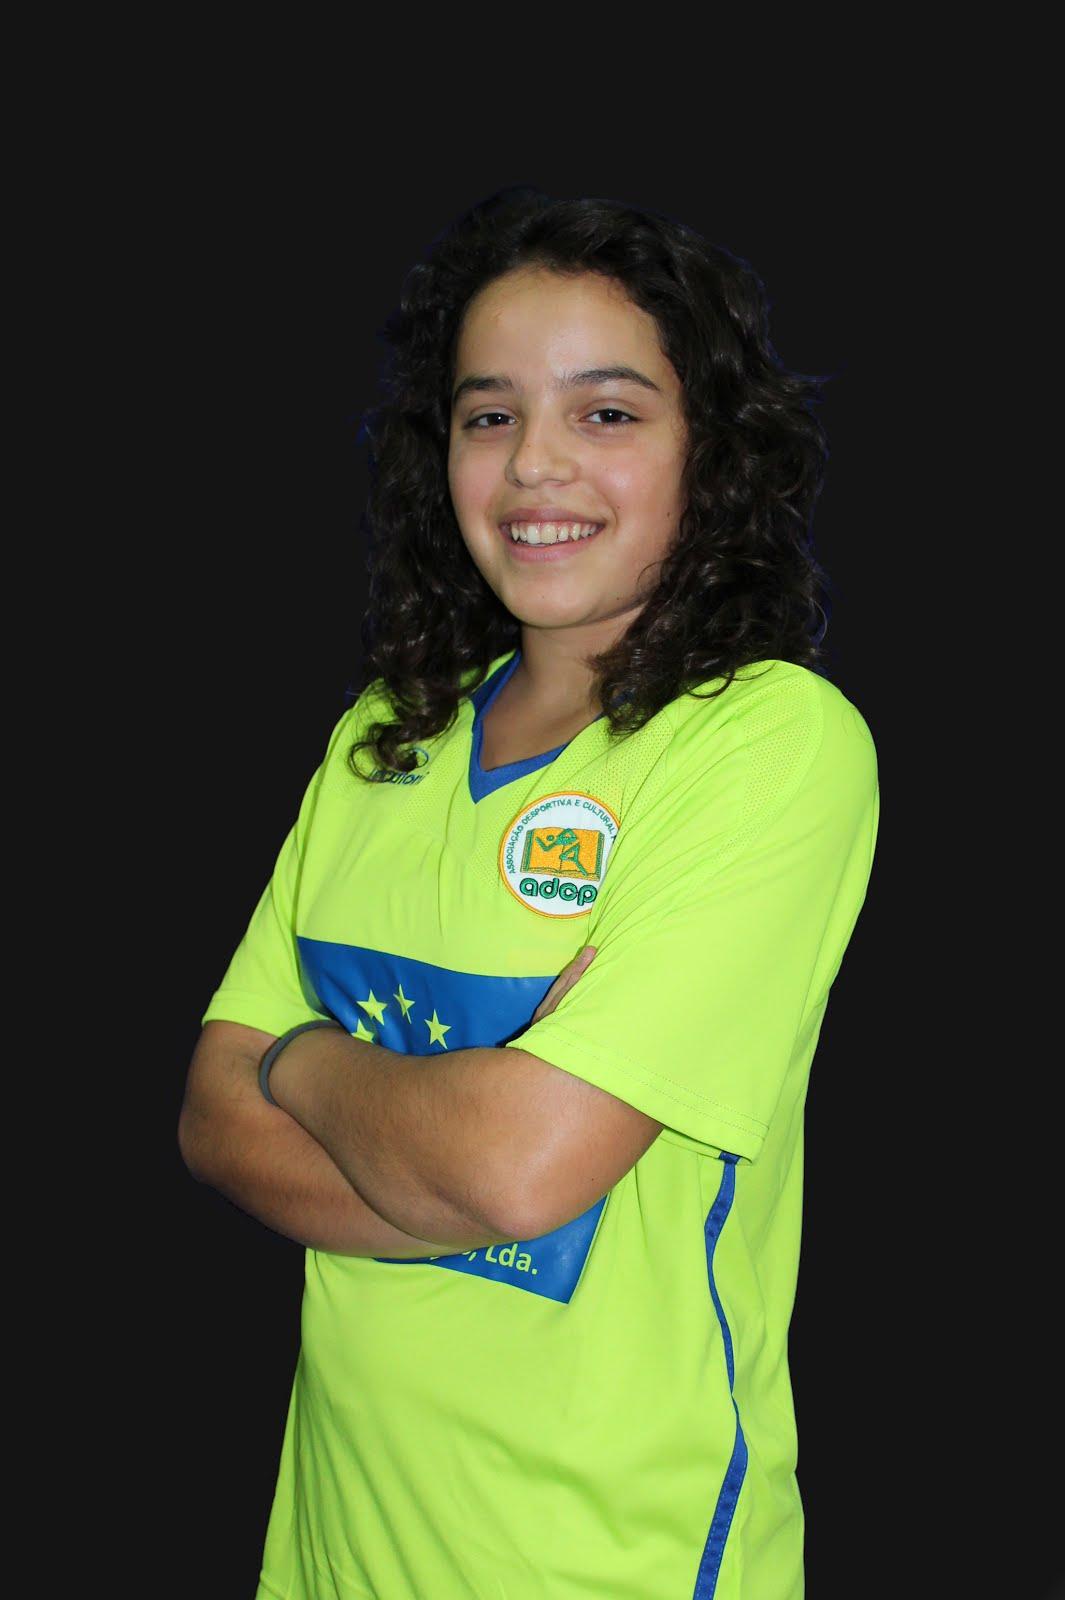 15 - Beatriz Perez